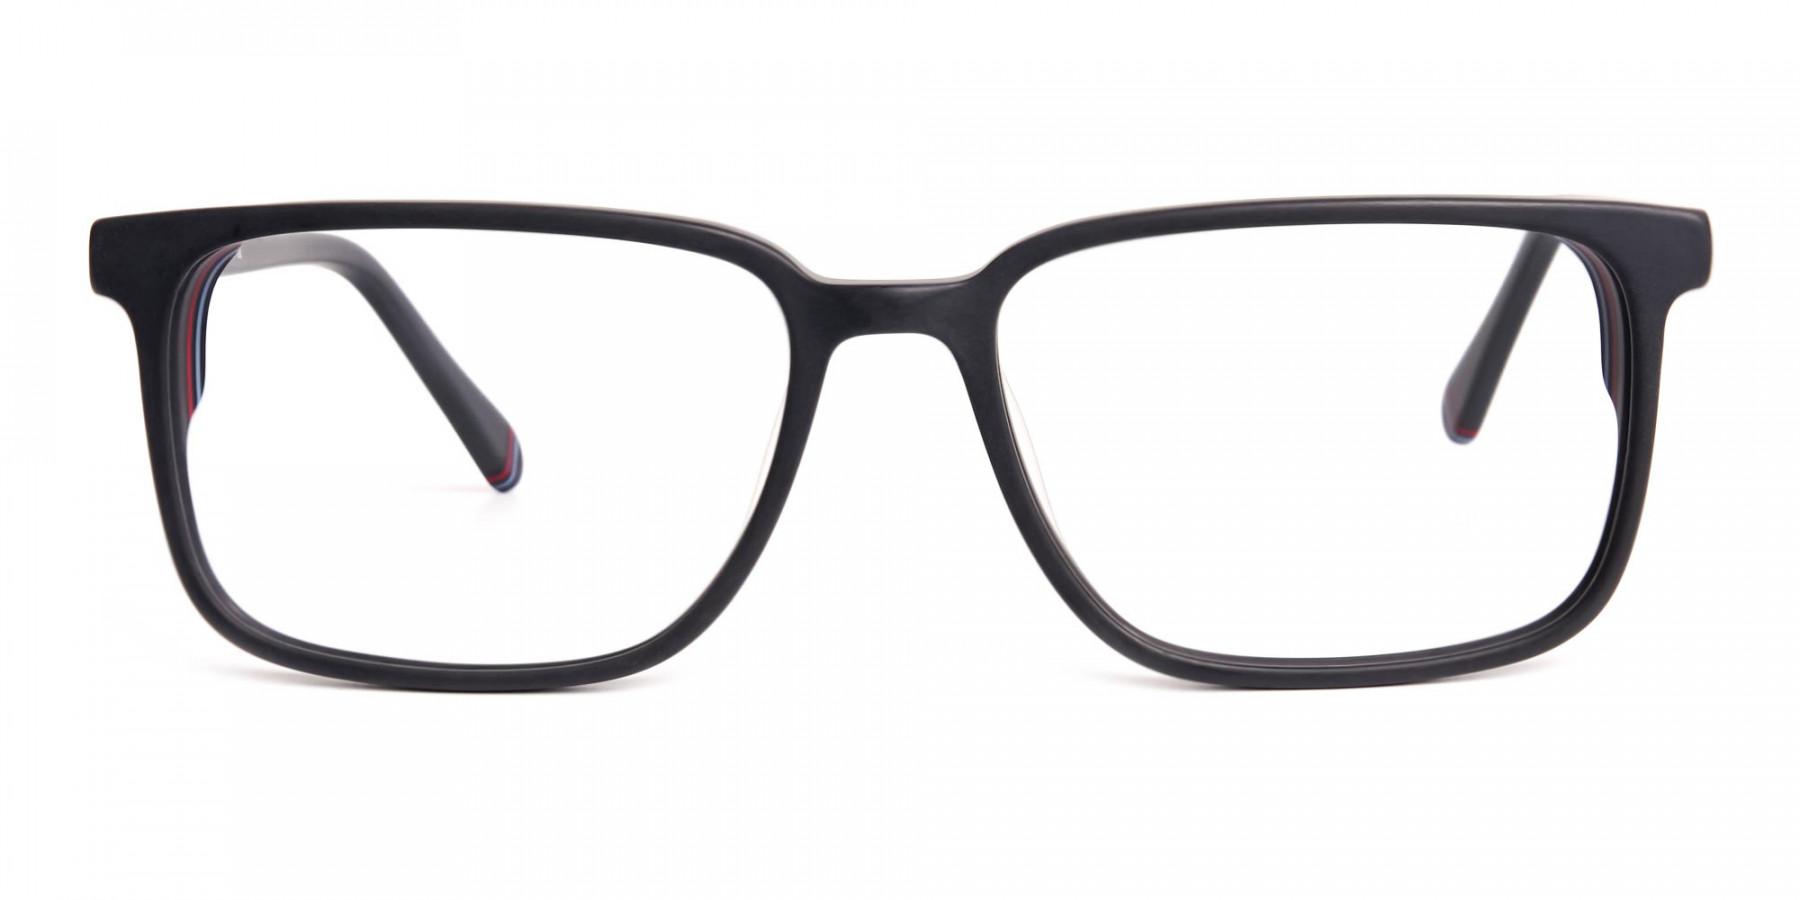 matte-black-thick-design-rectangular-glasses-frames-1